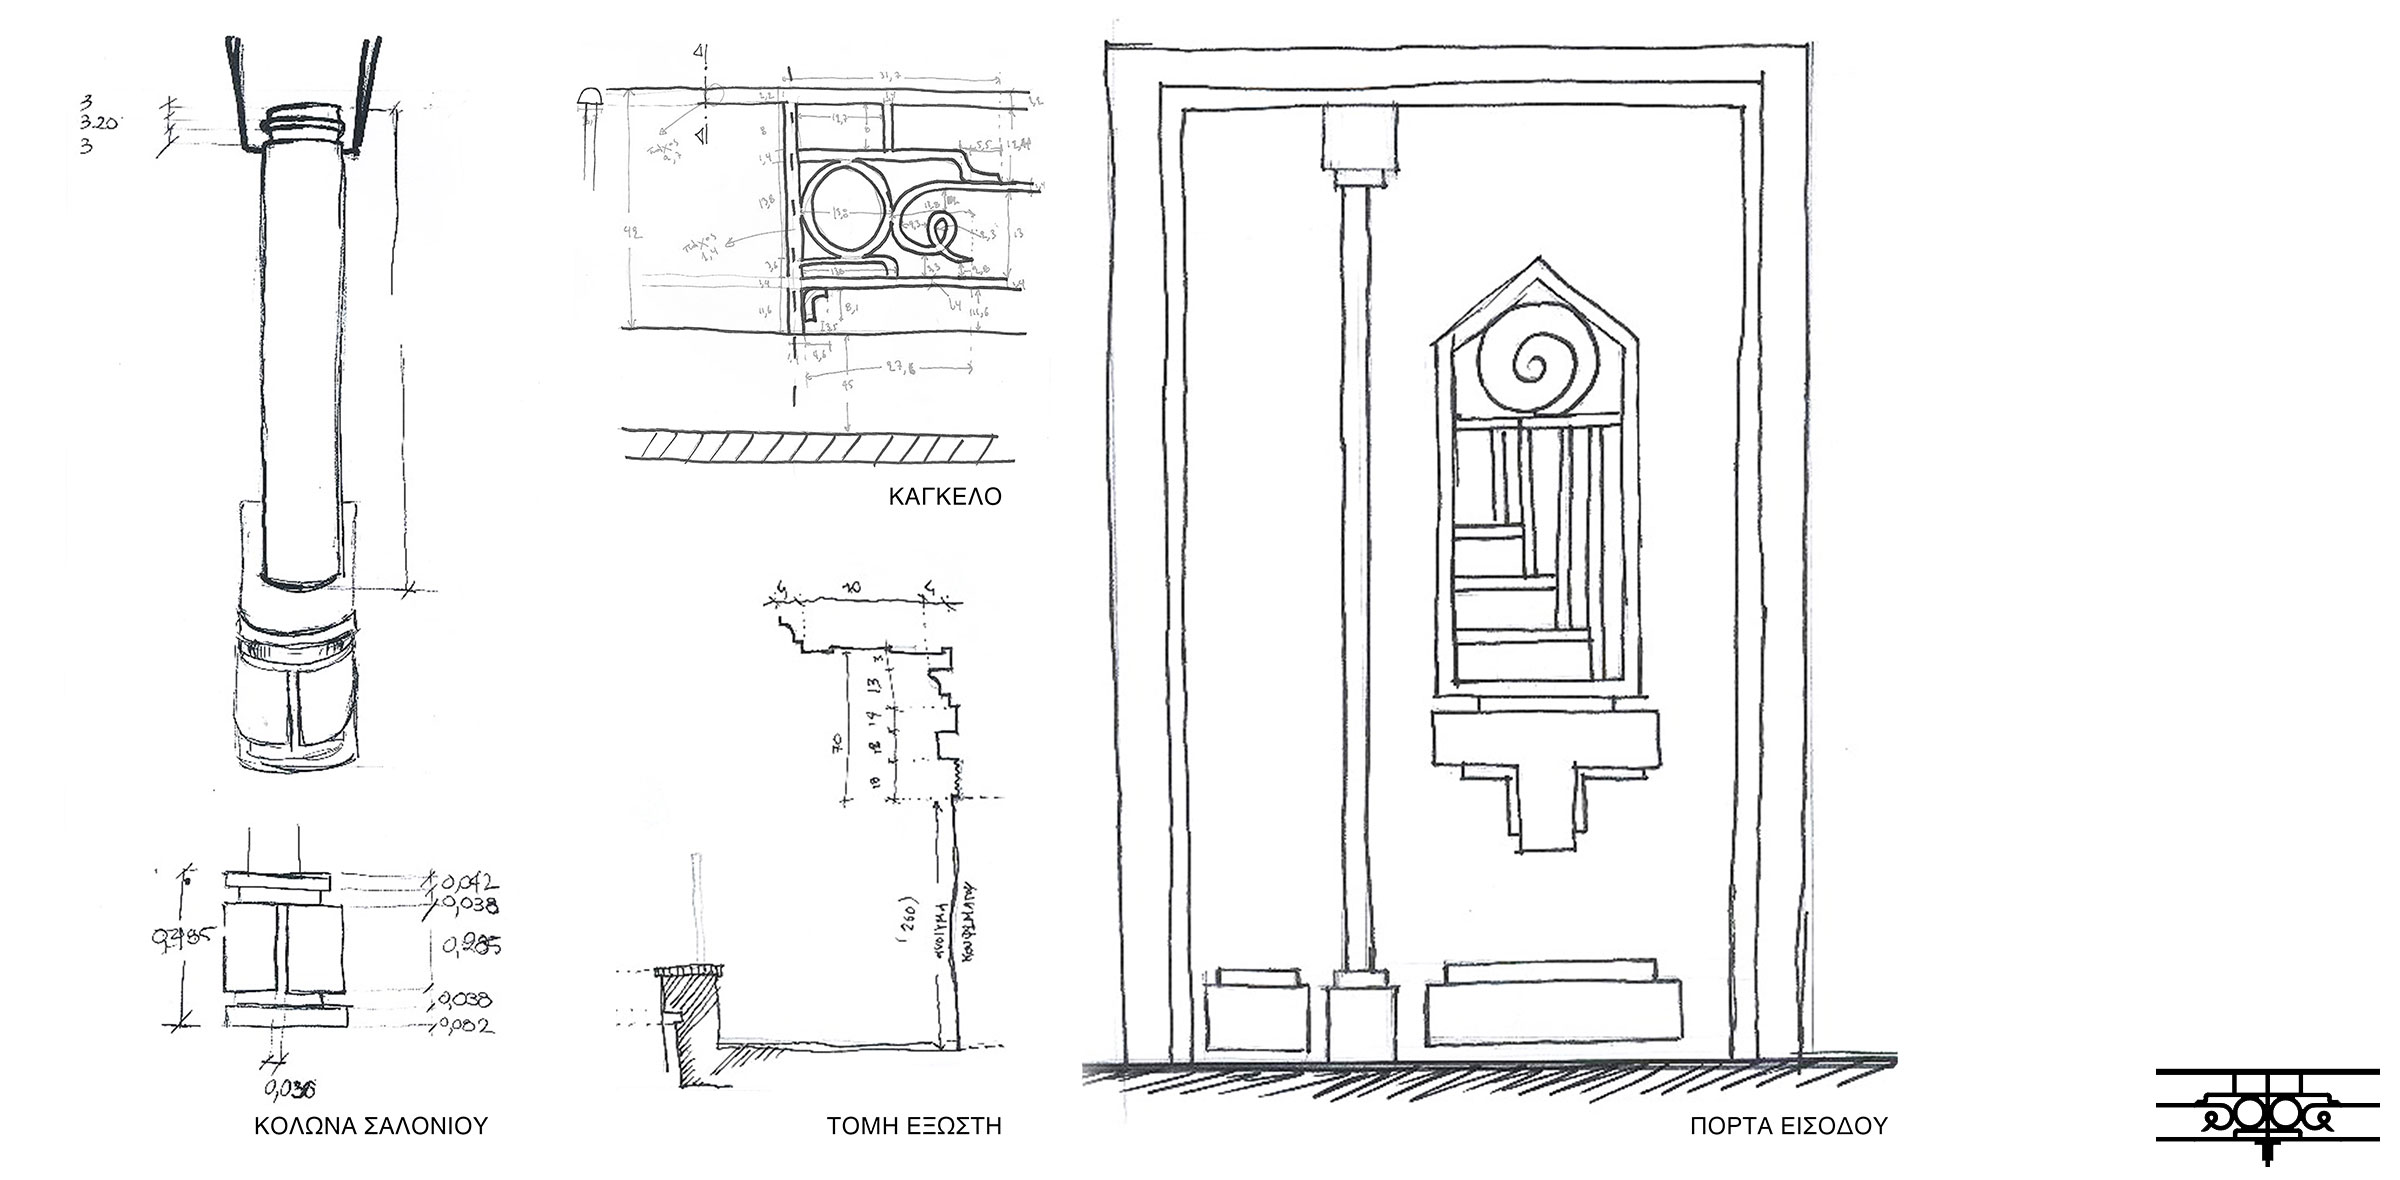 egnatia interior architecture sketch